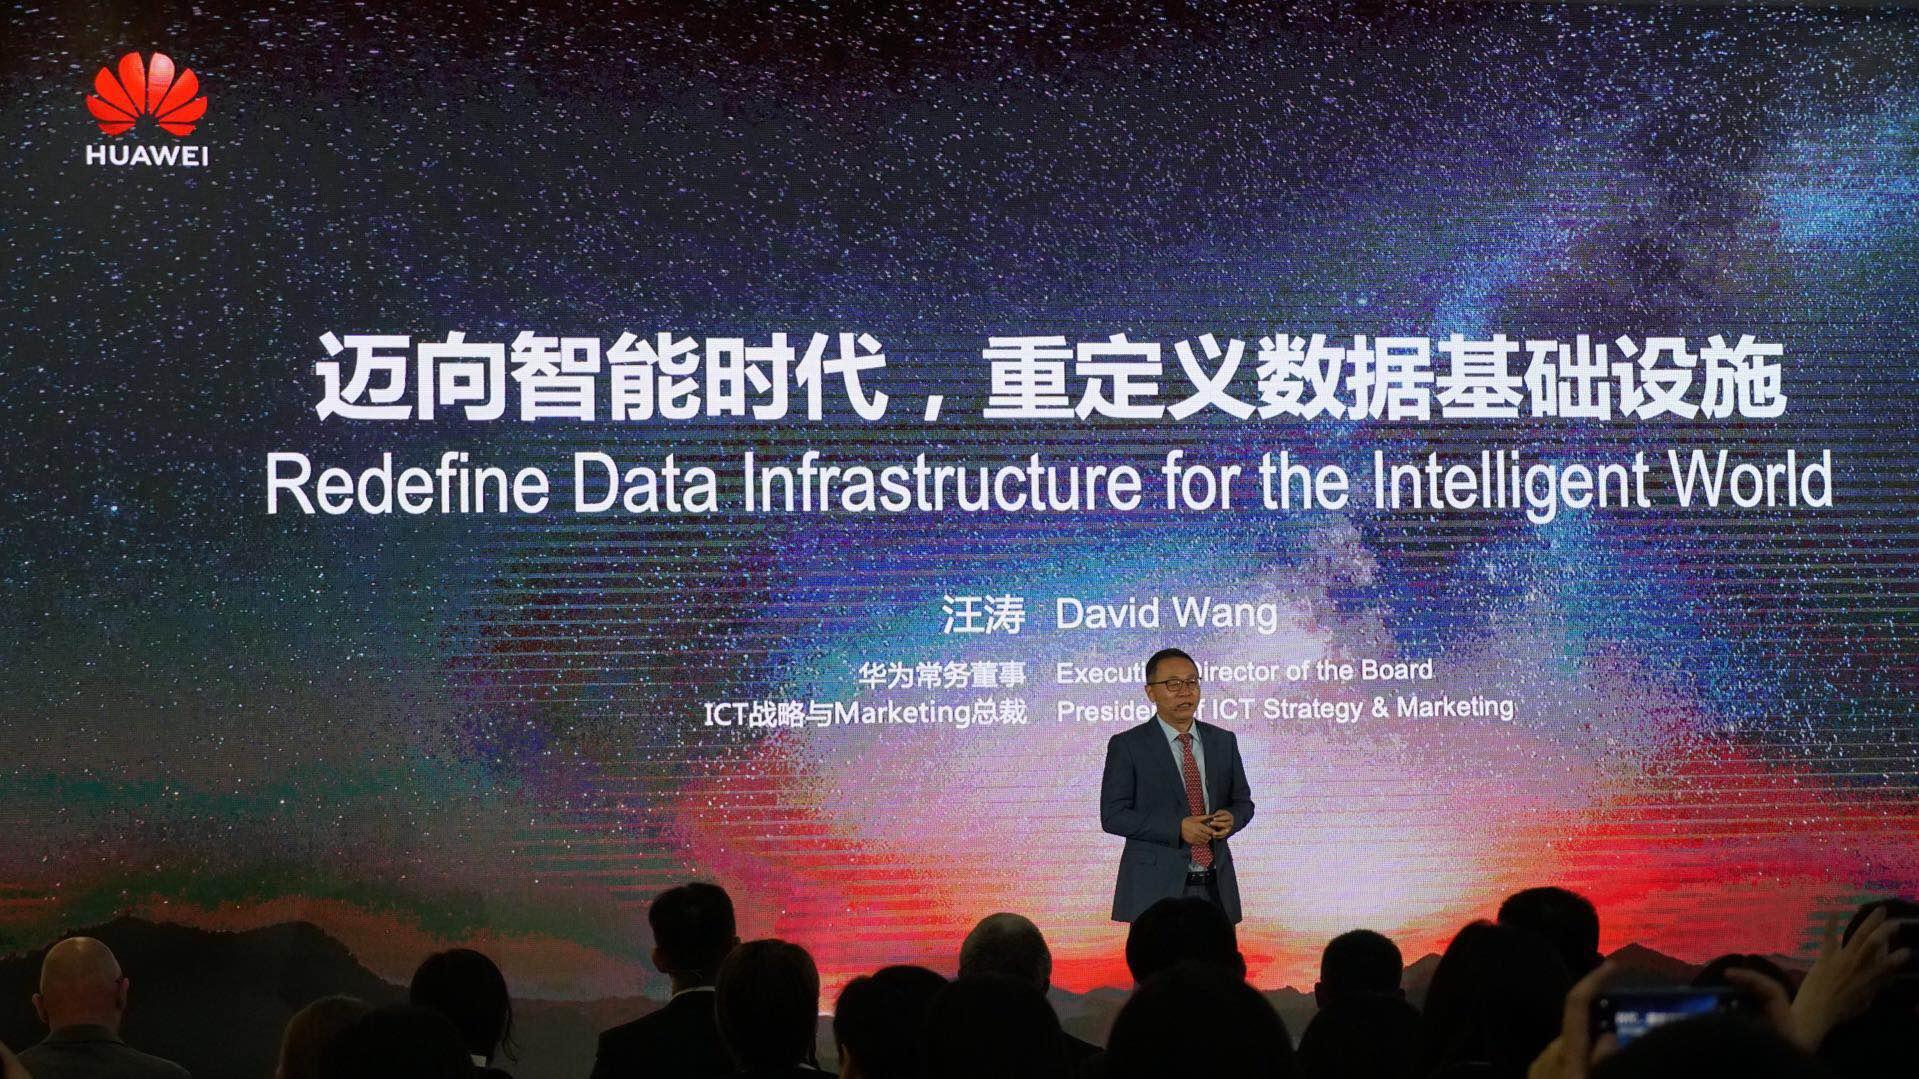 华为全球发布AI-Native数据库 推出AI战略新举措